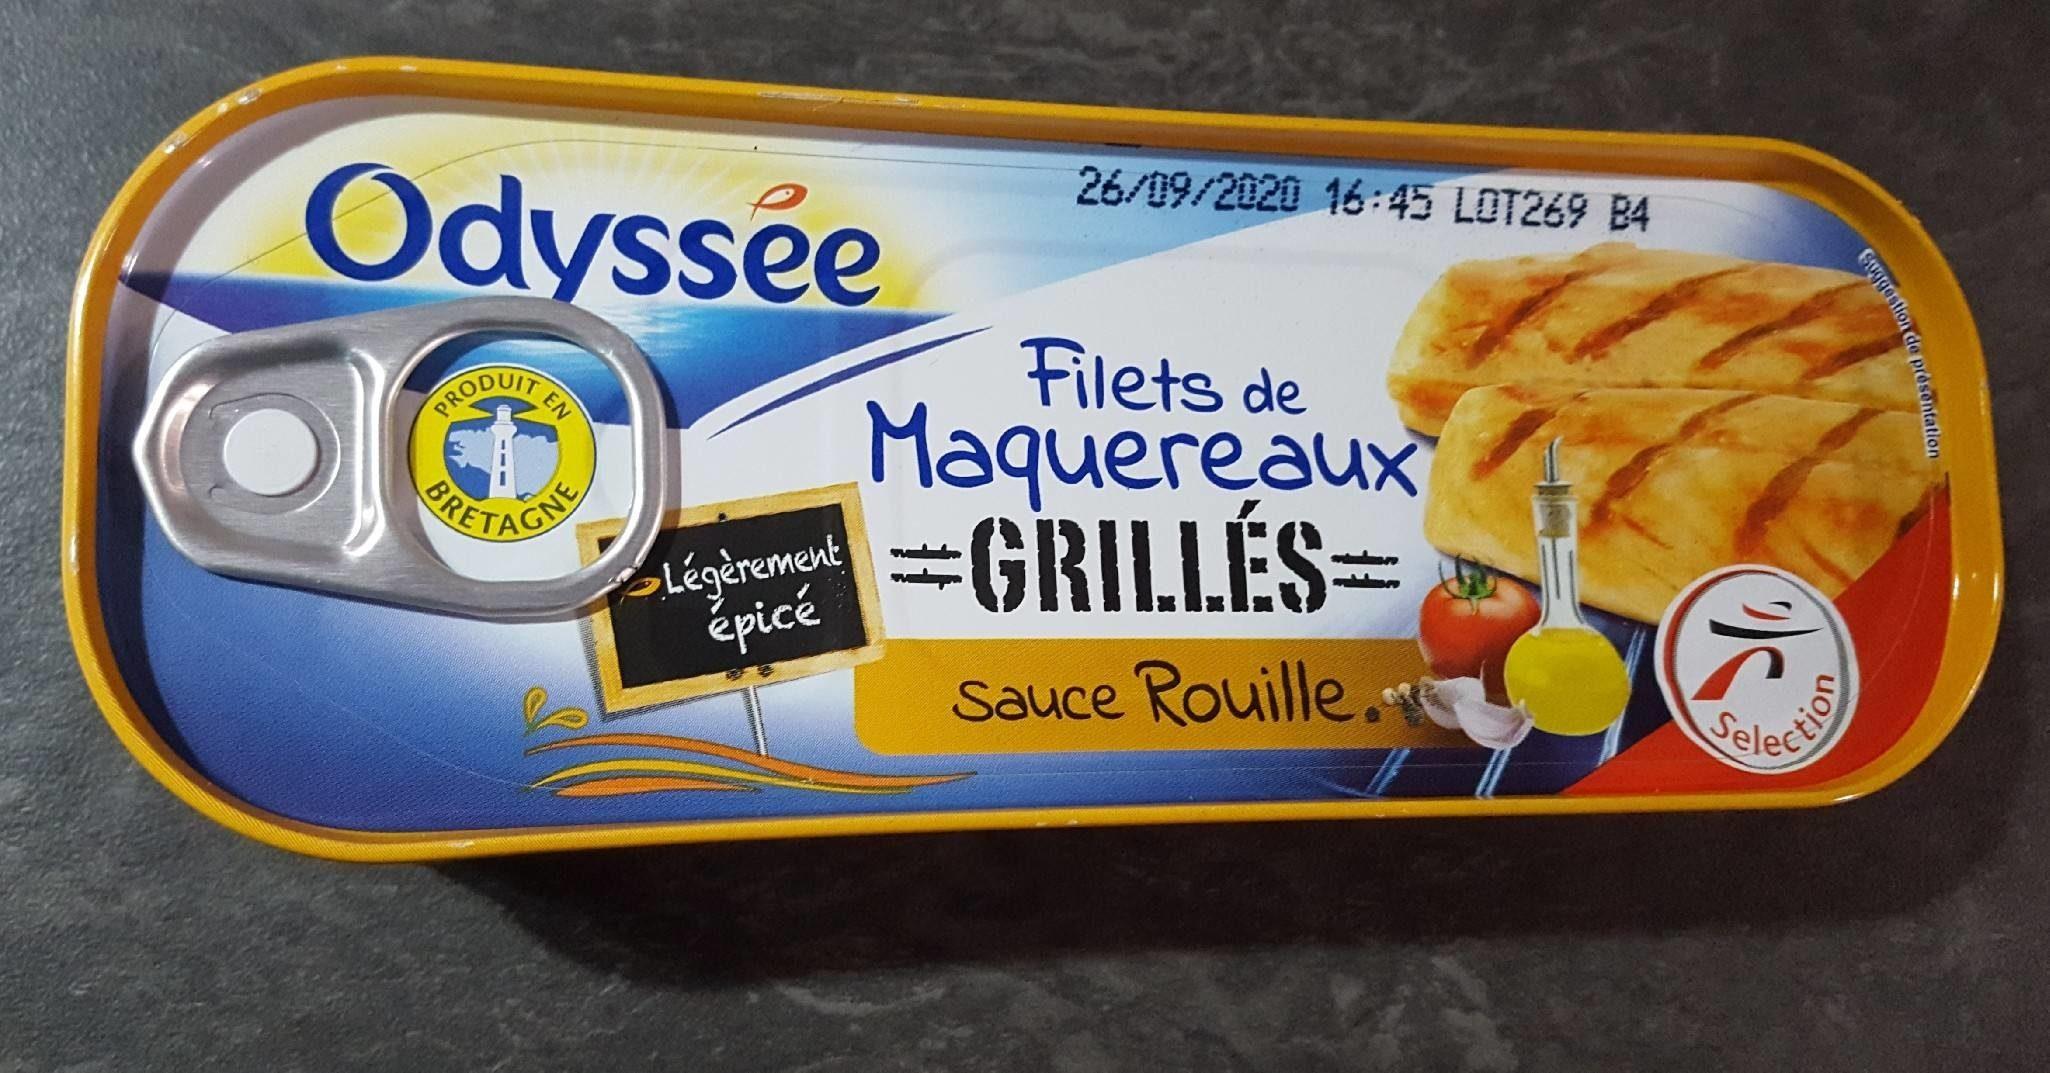 Filets de maquereaux grillés sauce rouille - Produit - fr